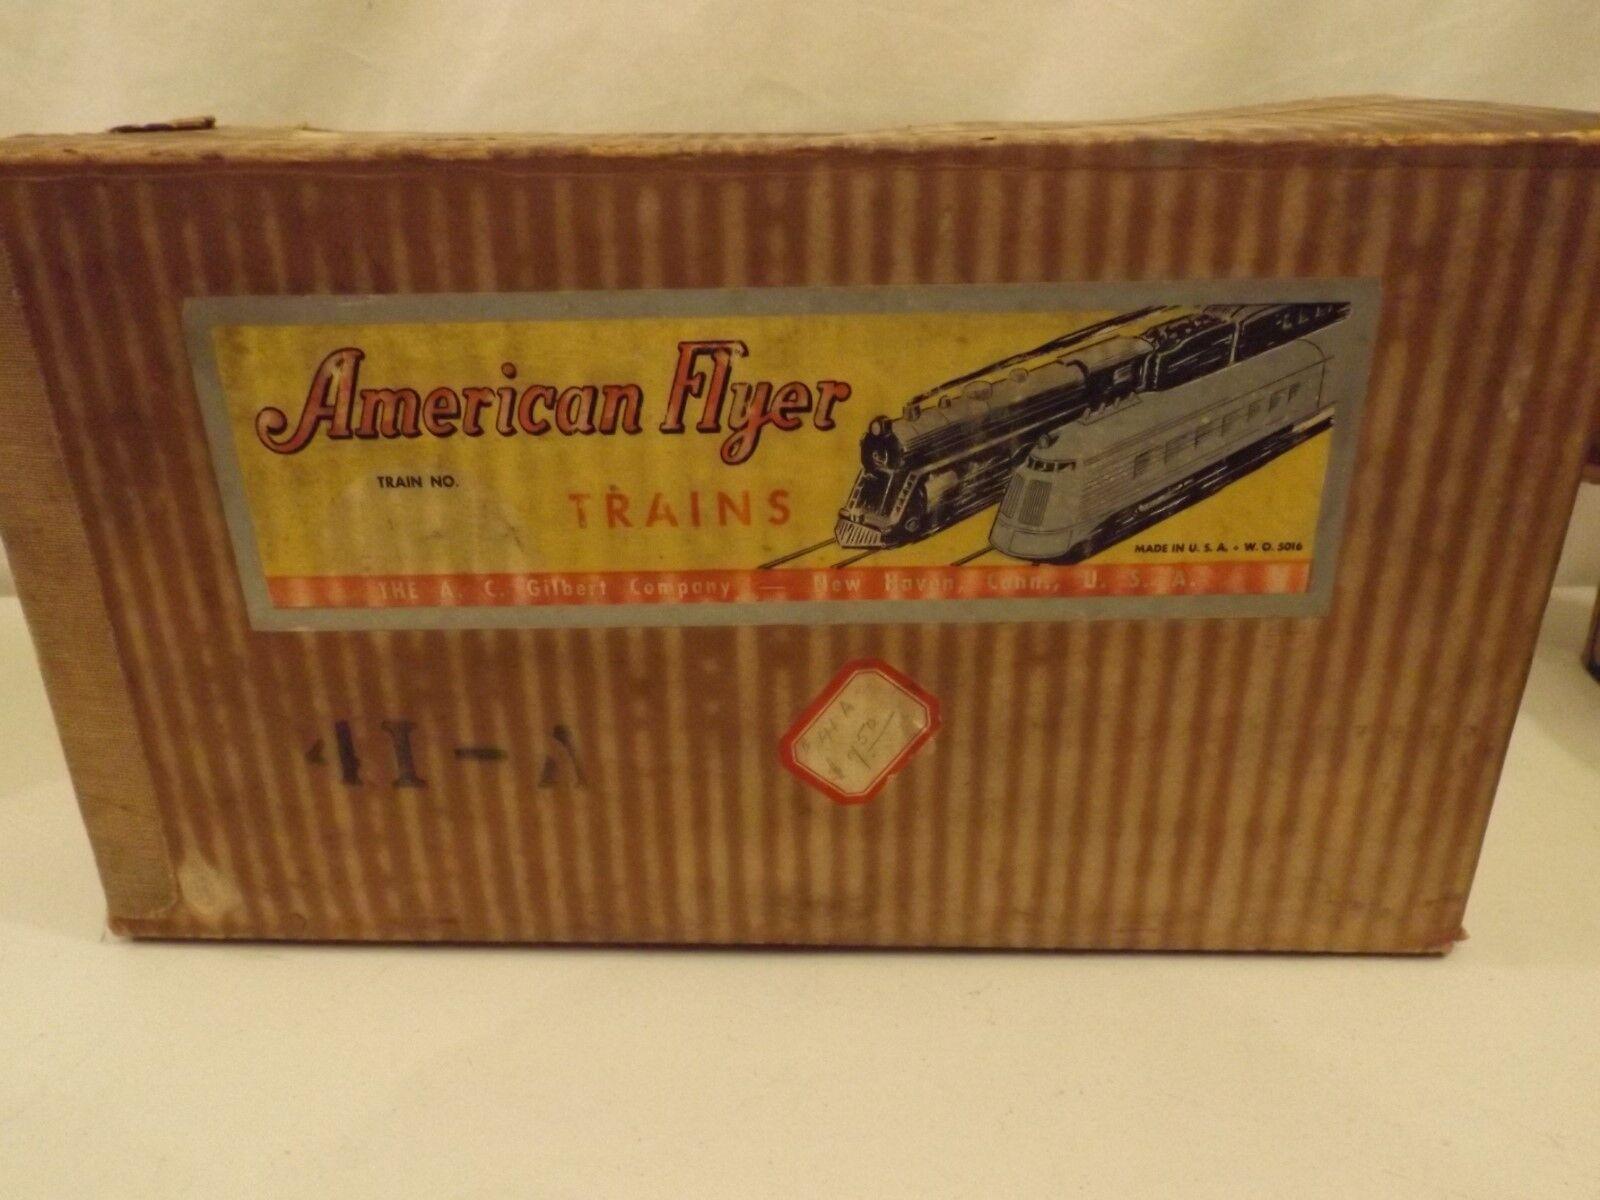 Calibrador O American Flyer A conjunto de publicidad en Caja Original